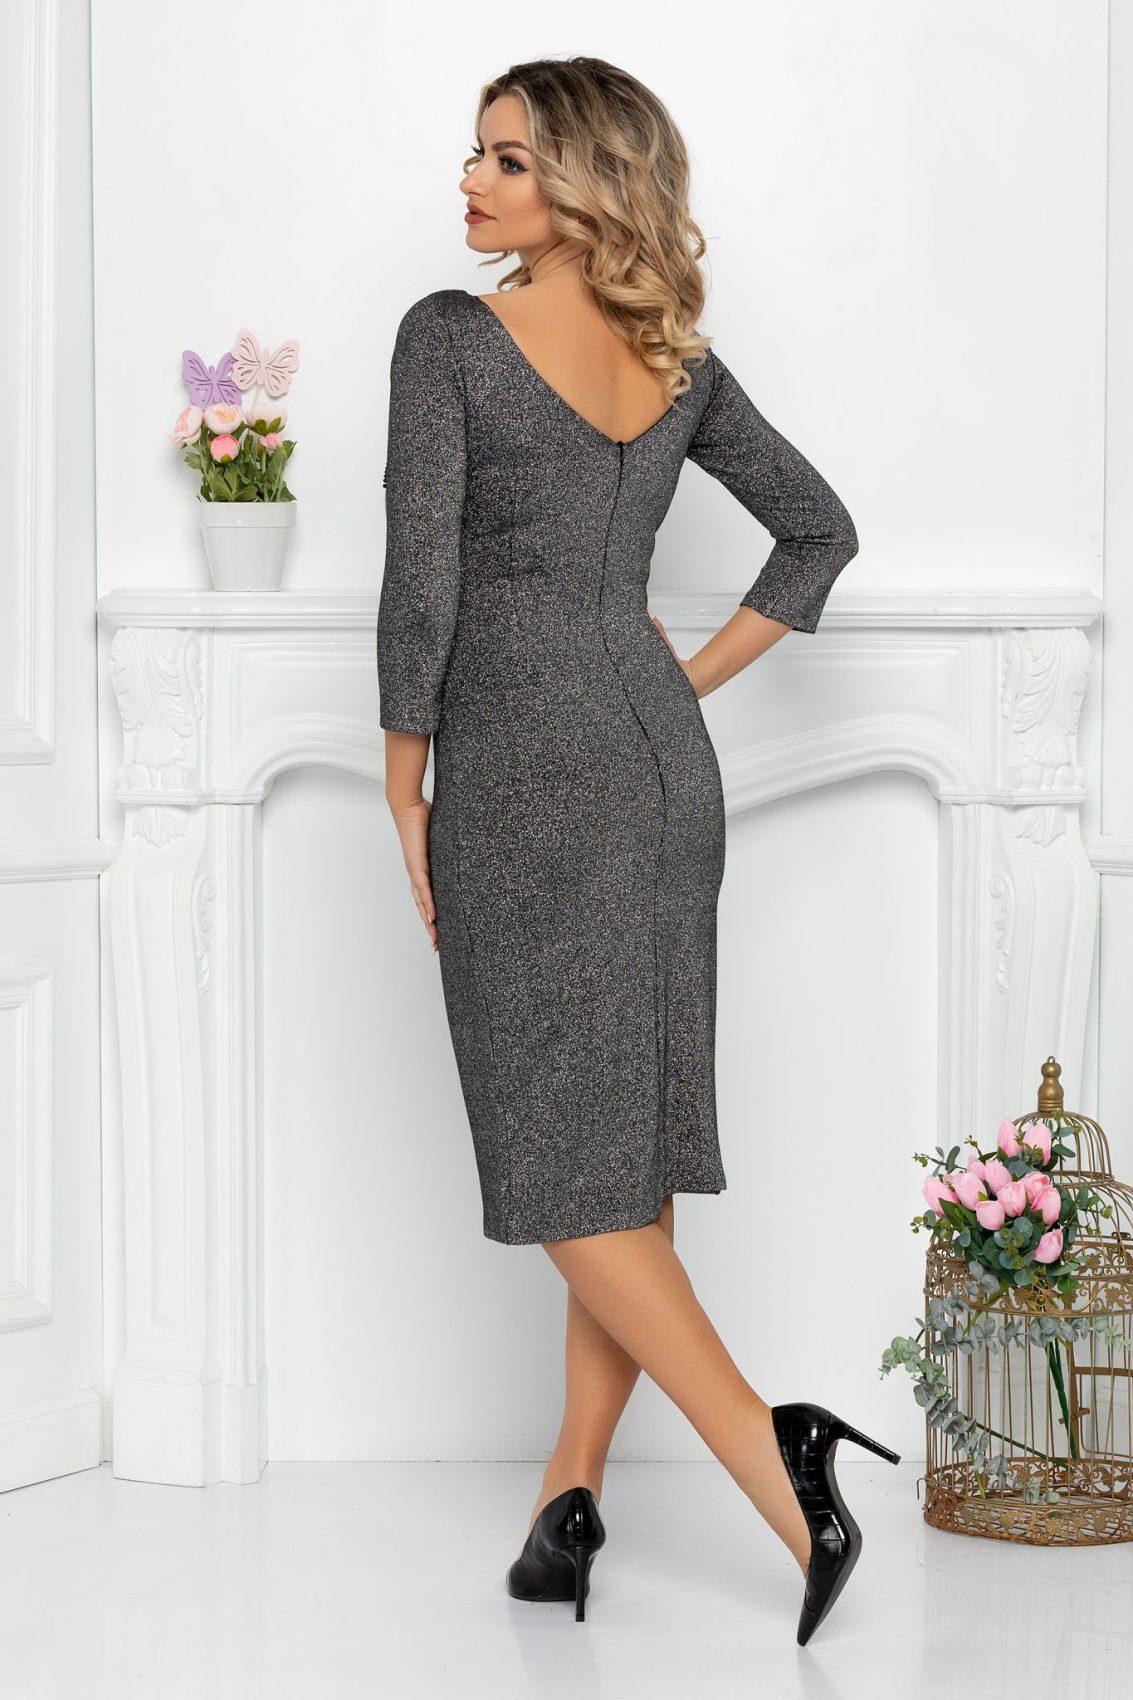 Βραδινό Γυαλιστερό Ασημί Φόρεμα Teona 9354 2